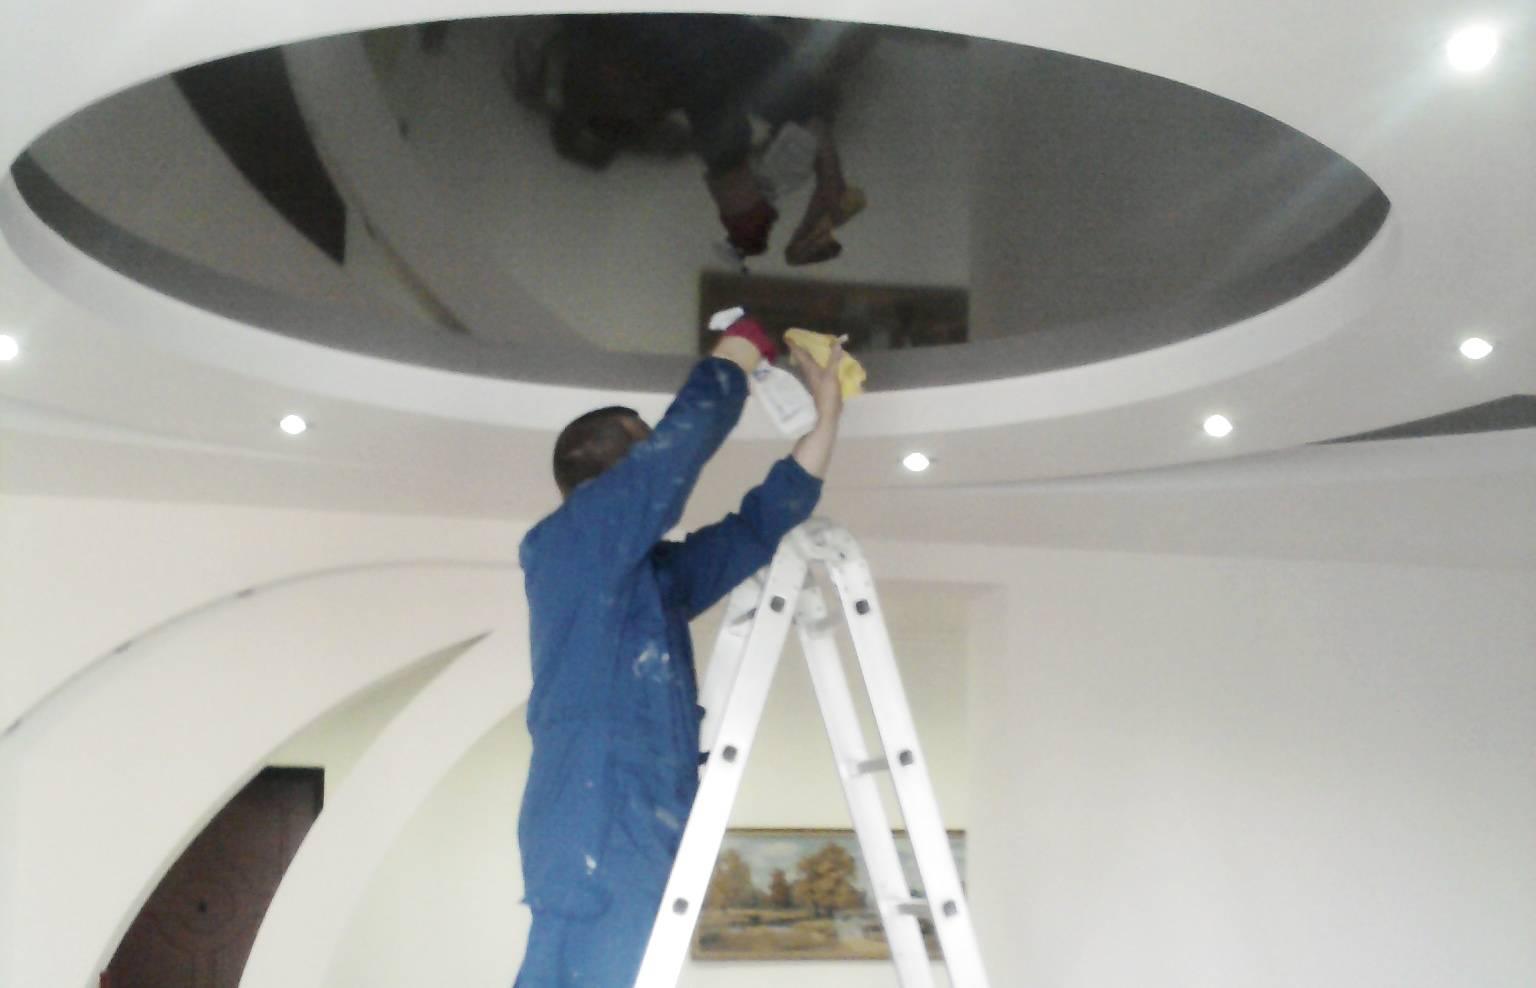 Как мыть натяжные потолки в домашних условиях: этапы, средства, советы